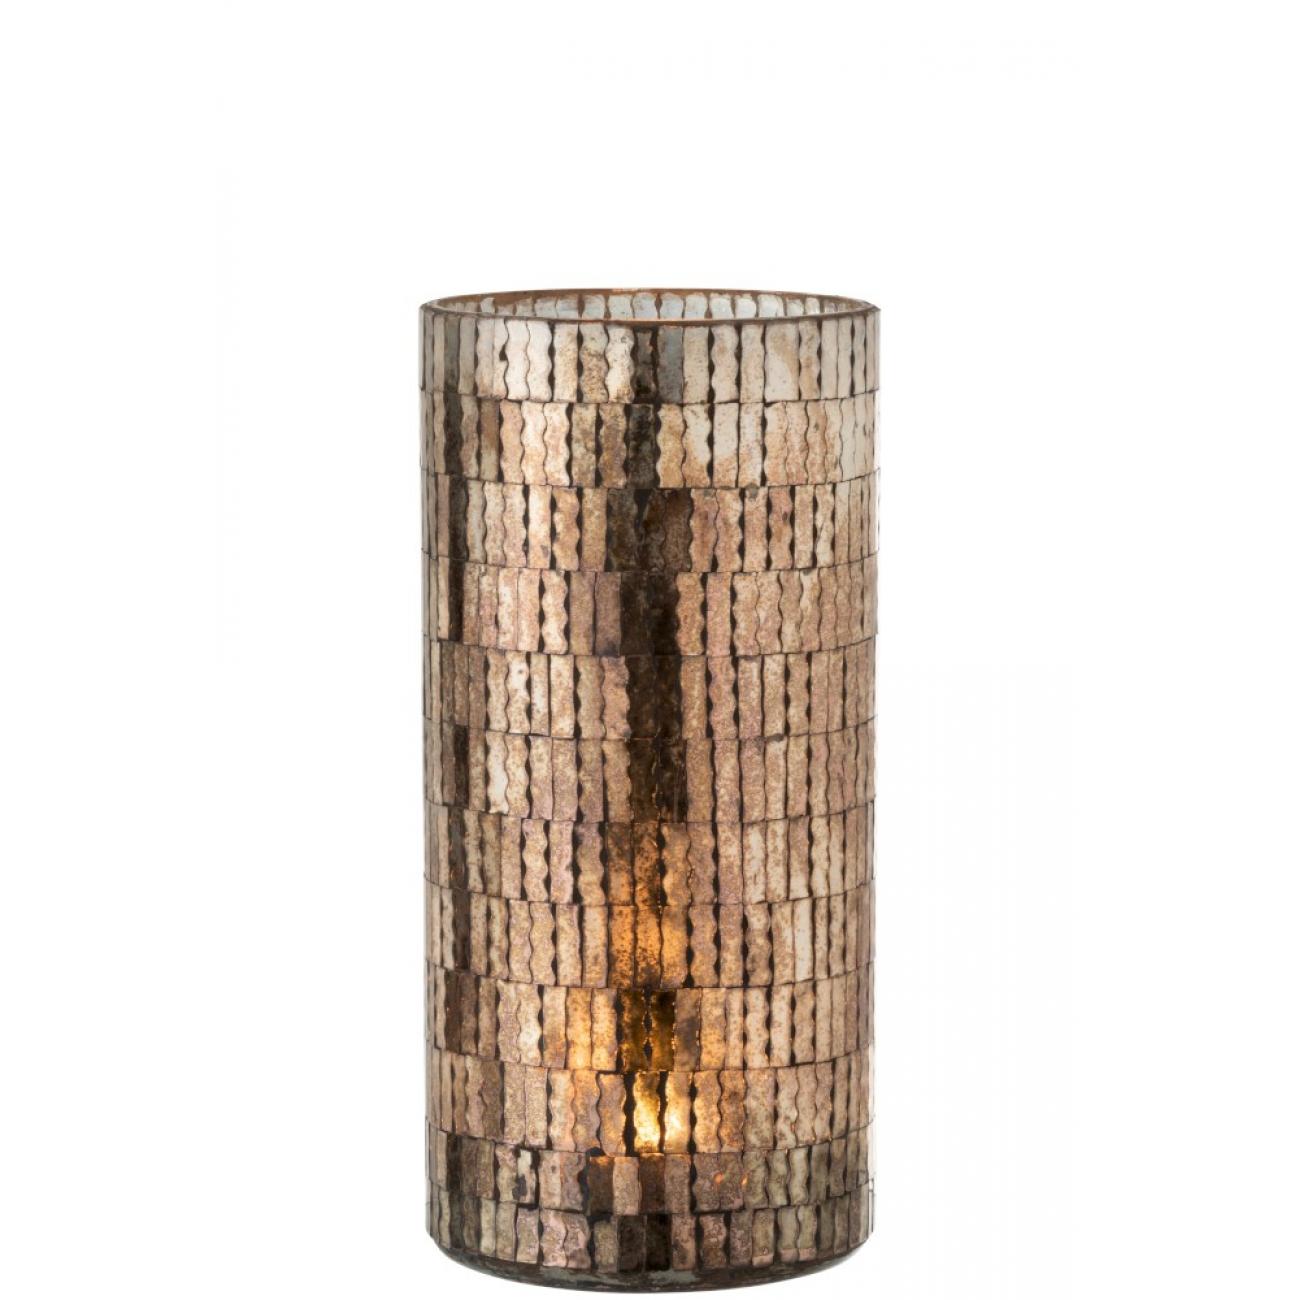 Подсвечник J-LINE стеклянный мозаика коричневых оттенков высота 30 см